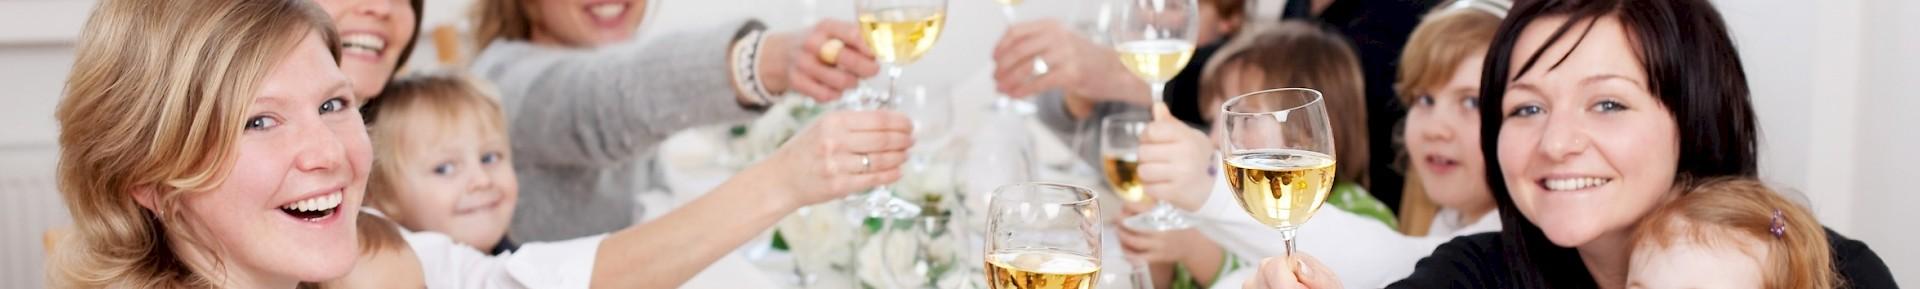 Familienfeste können Sie ideal im Hotel Kaiserhof Münster feiern